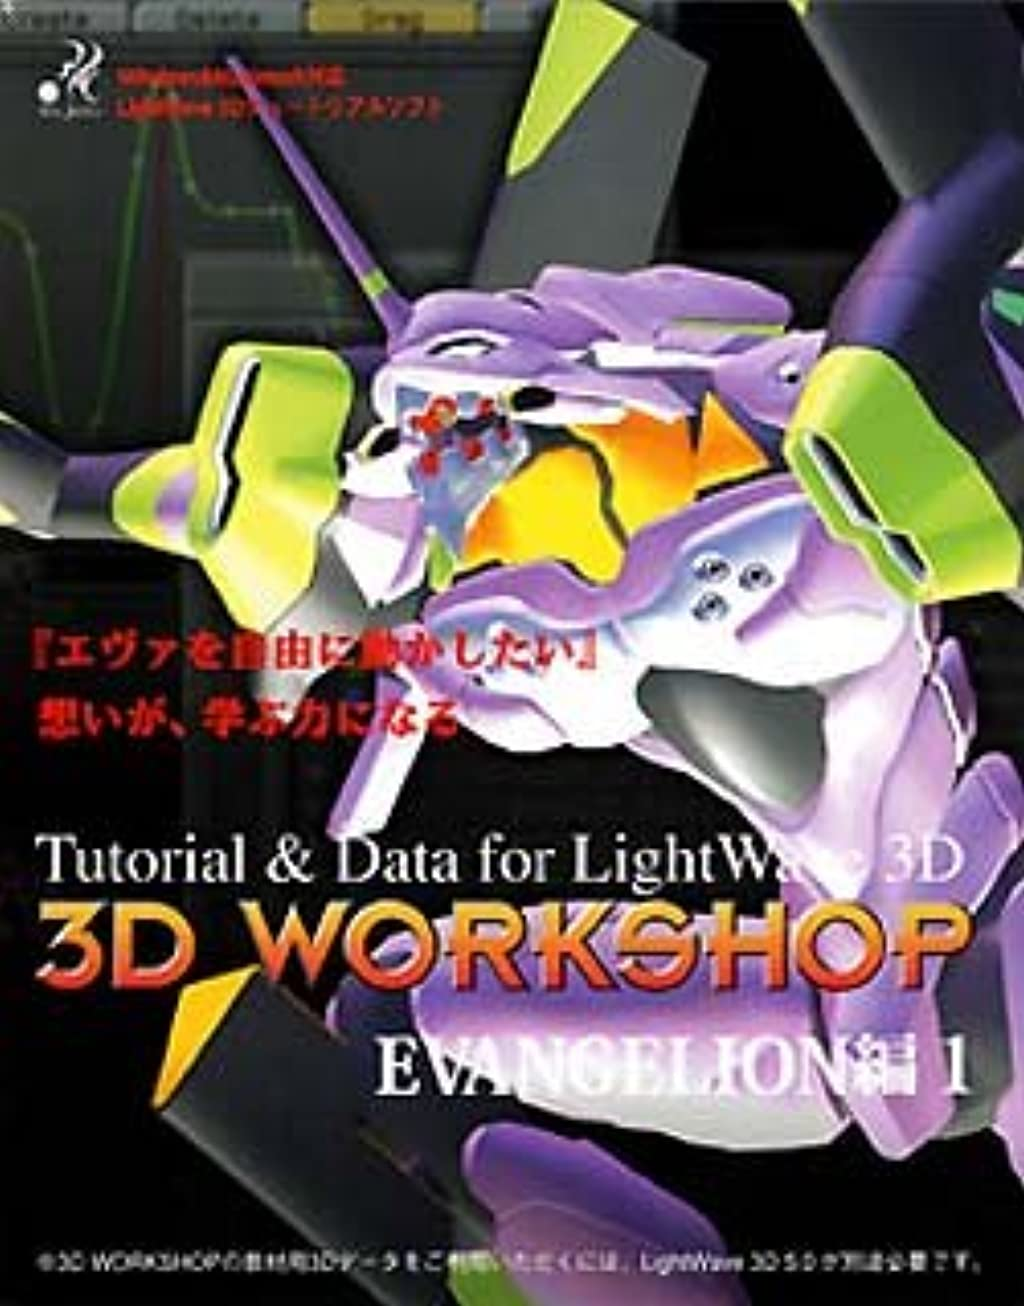 超えて飛び込む王女3D WorkShop EVANGELION編 1(LightWave 3D 5.5対応版)